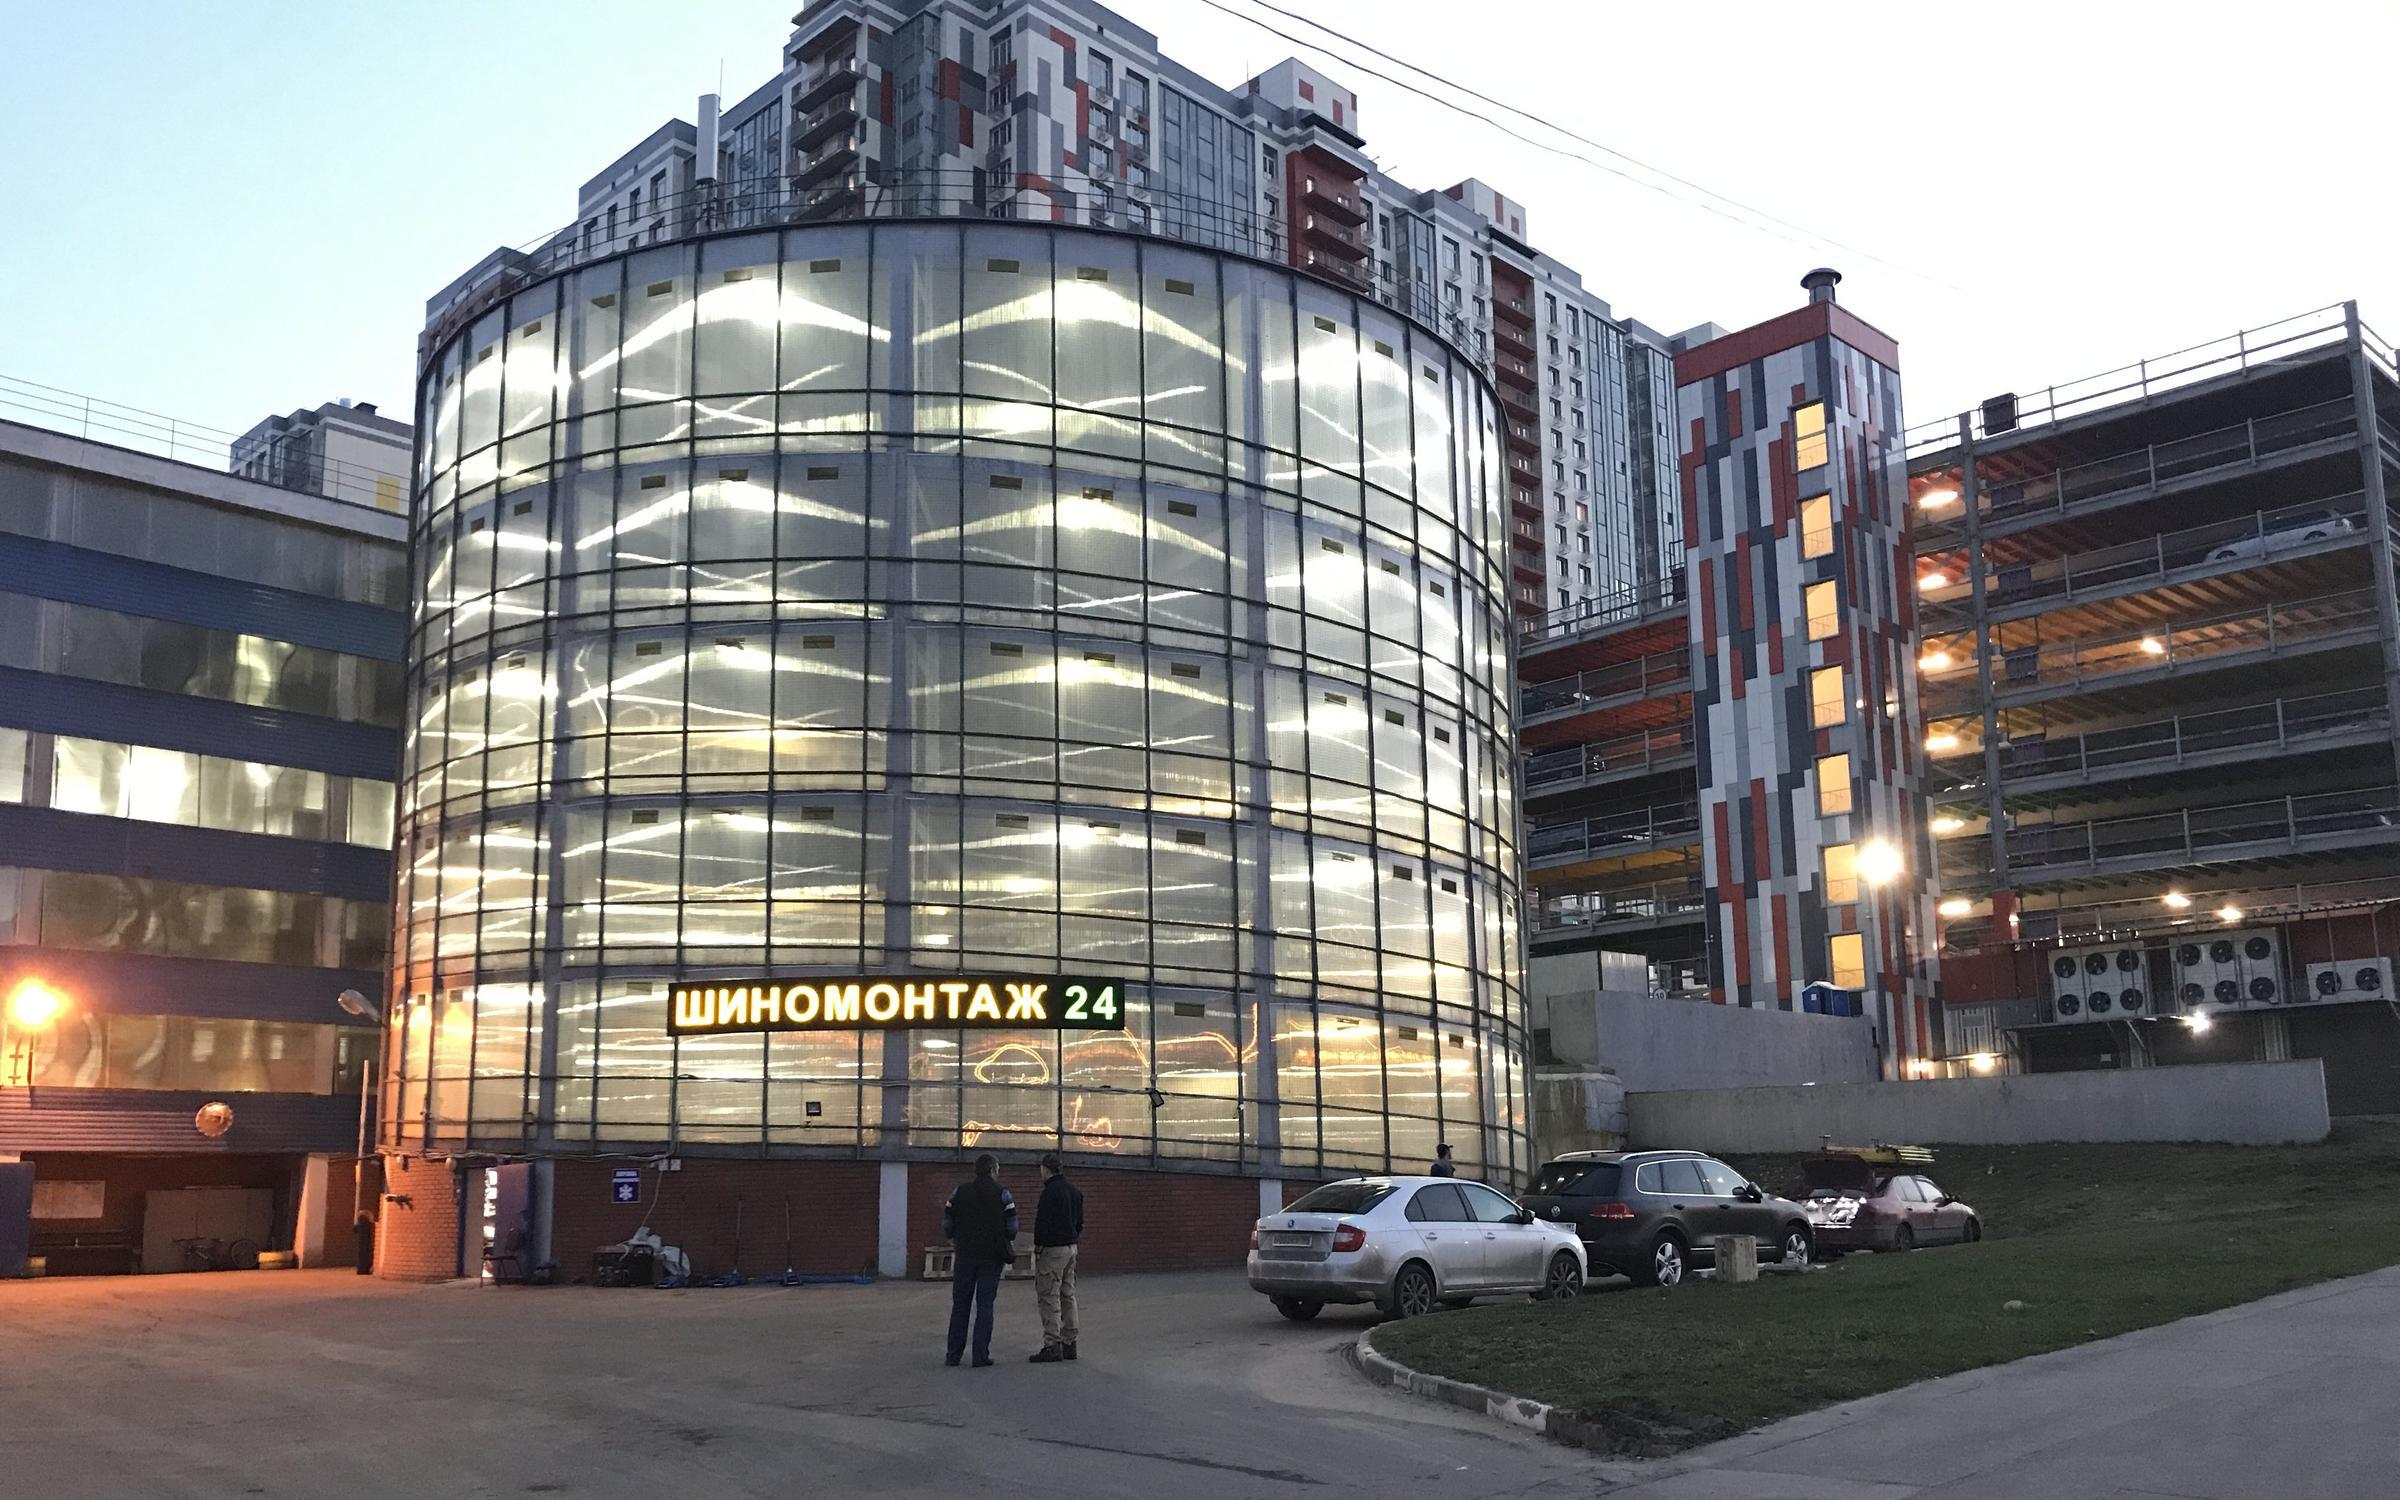 фотография Шиномонтажной мастерской SM24 в Митино